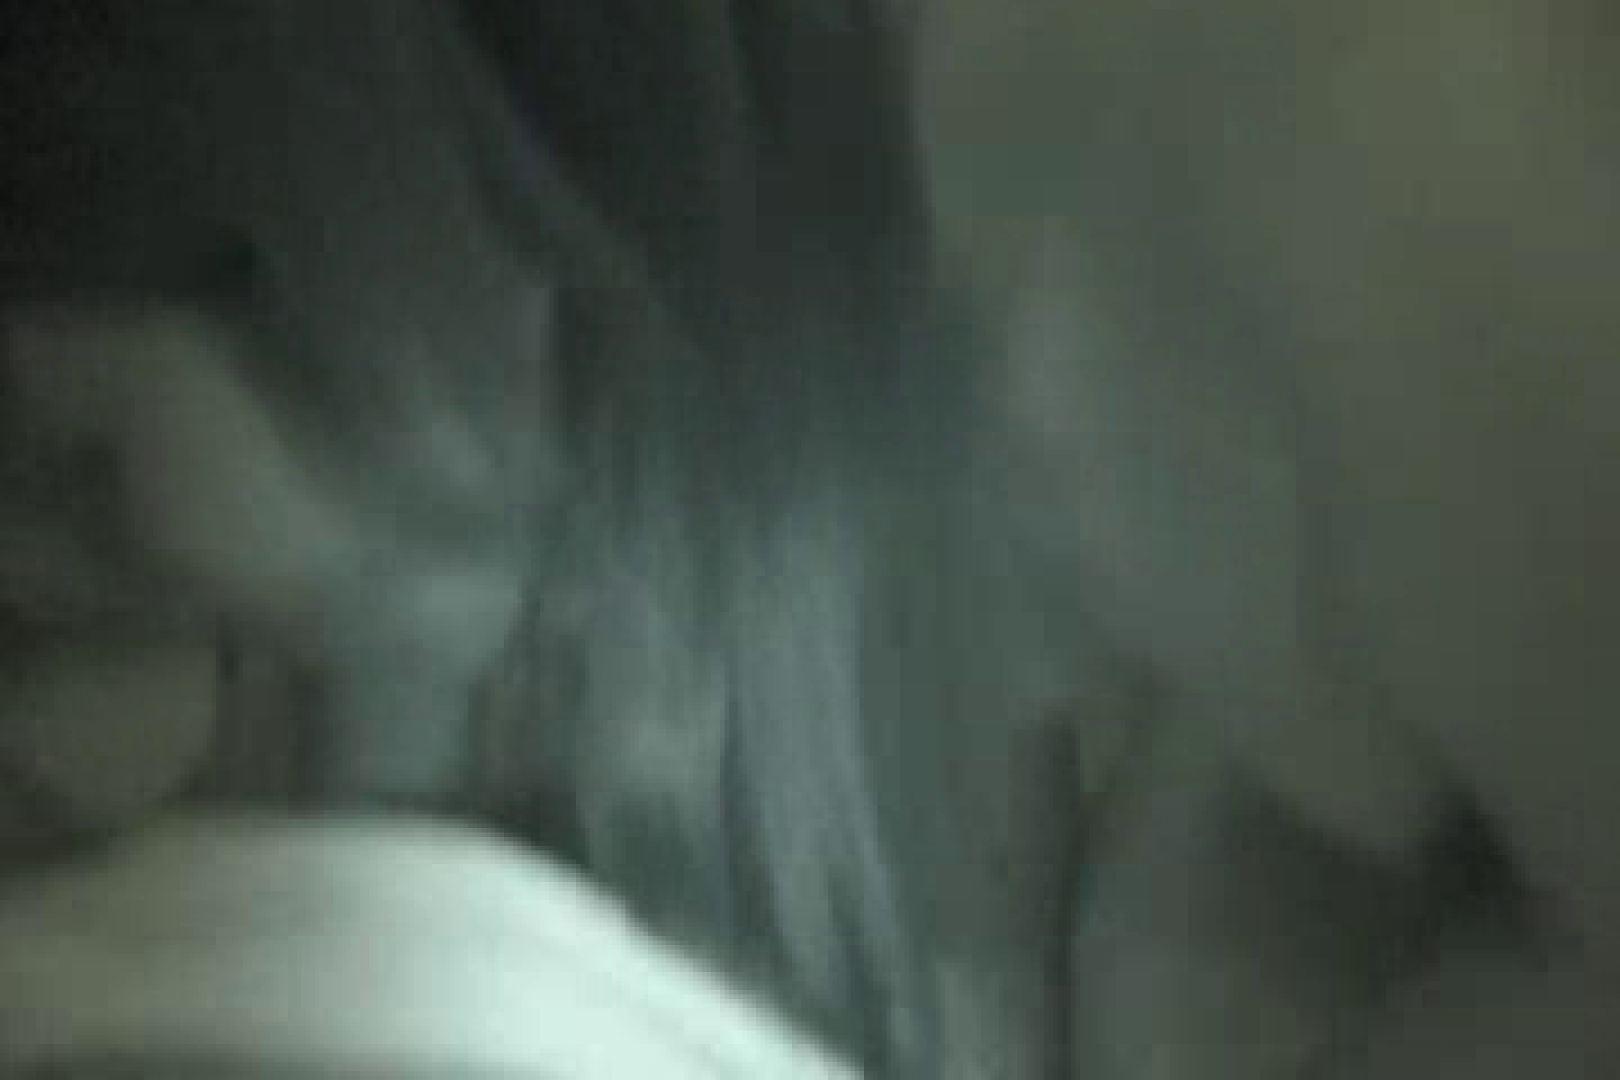 タレ目ちゃんに電気を消して中出し アナル 盗み撮り動画 88枚 42